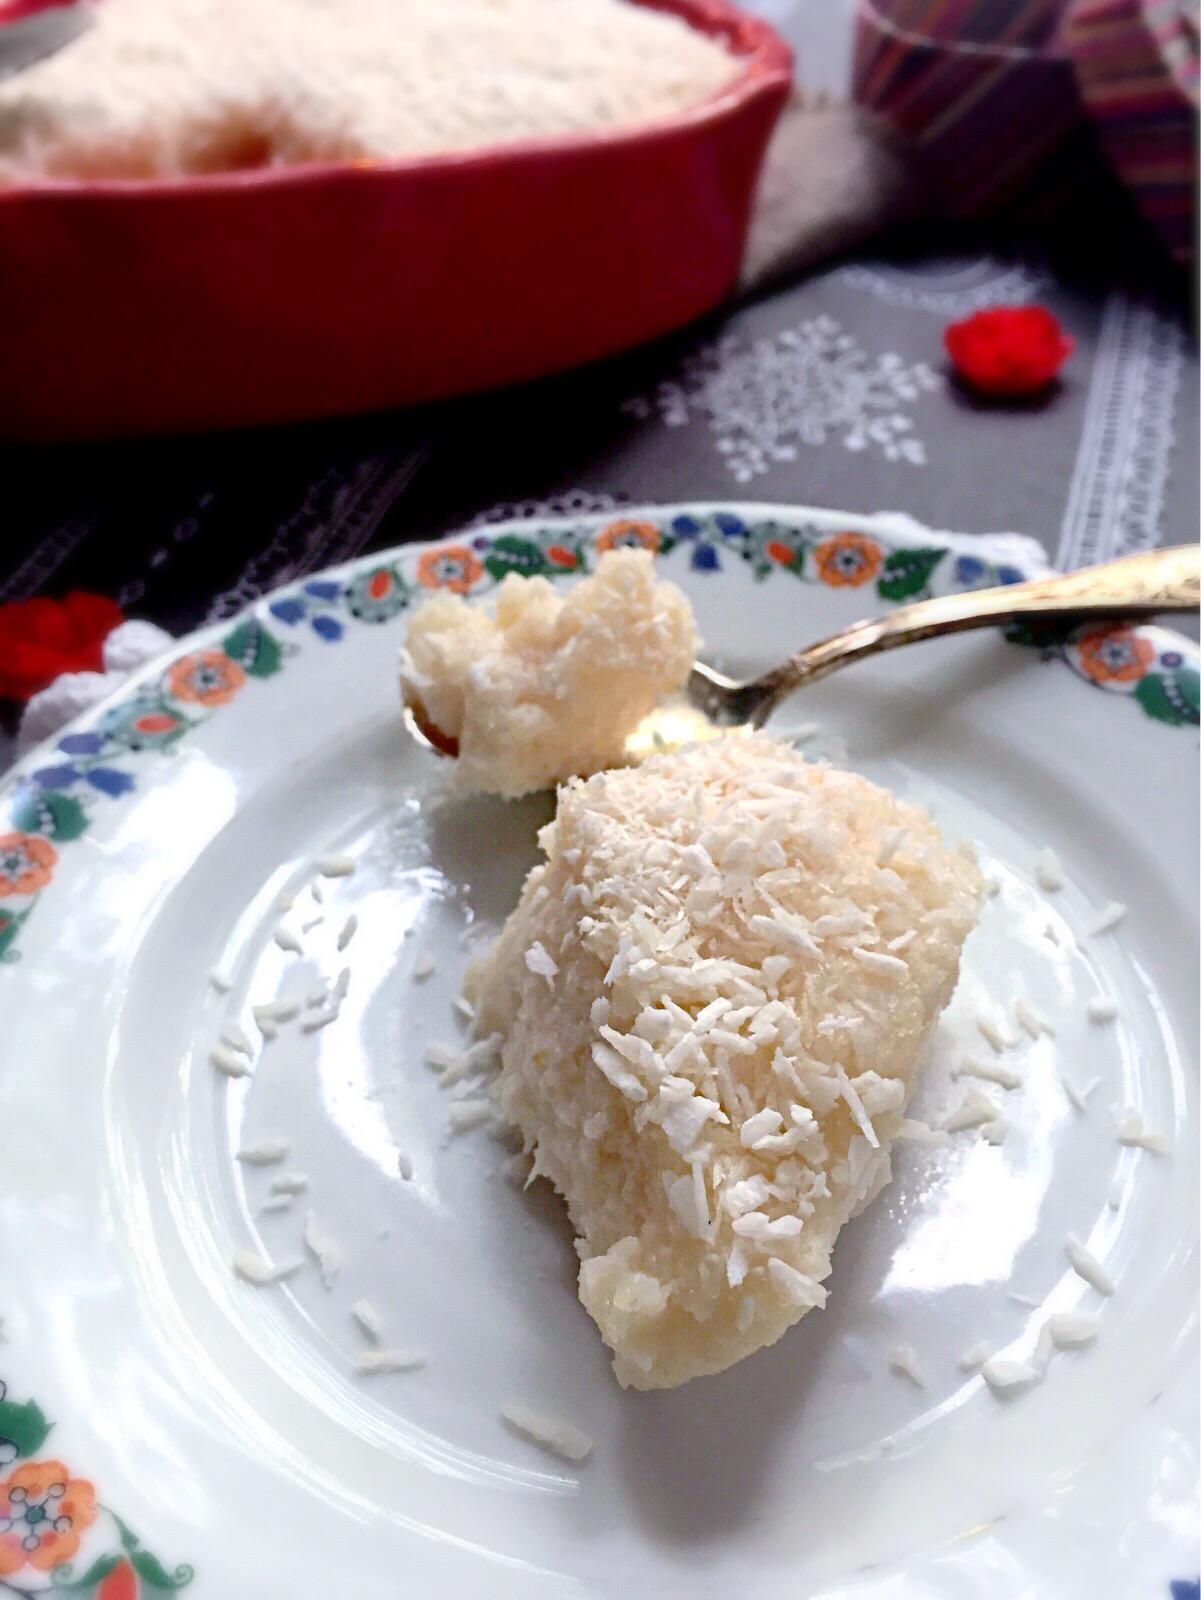 Recette ile maurice gateau manioc